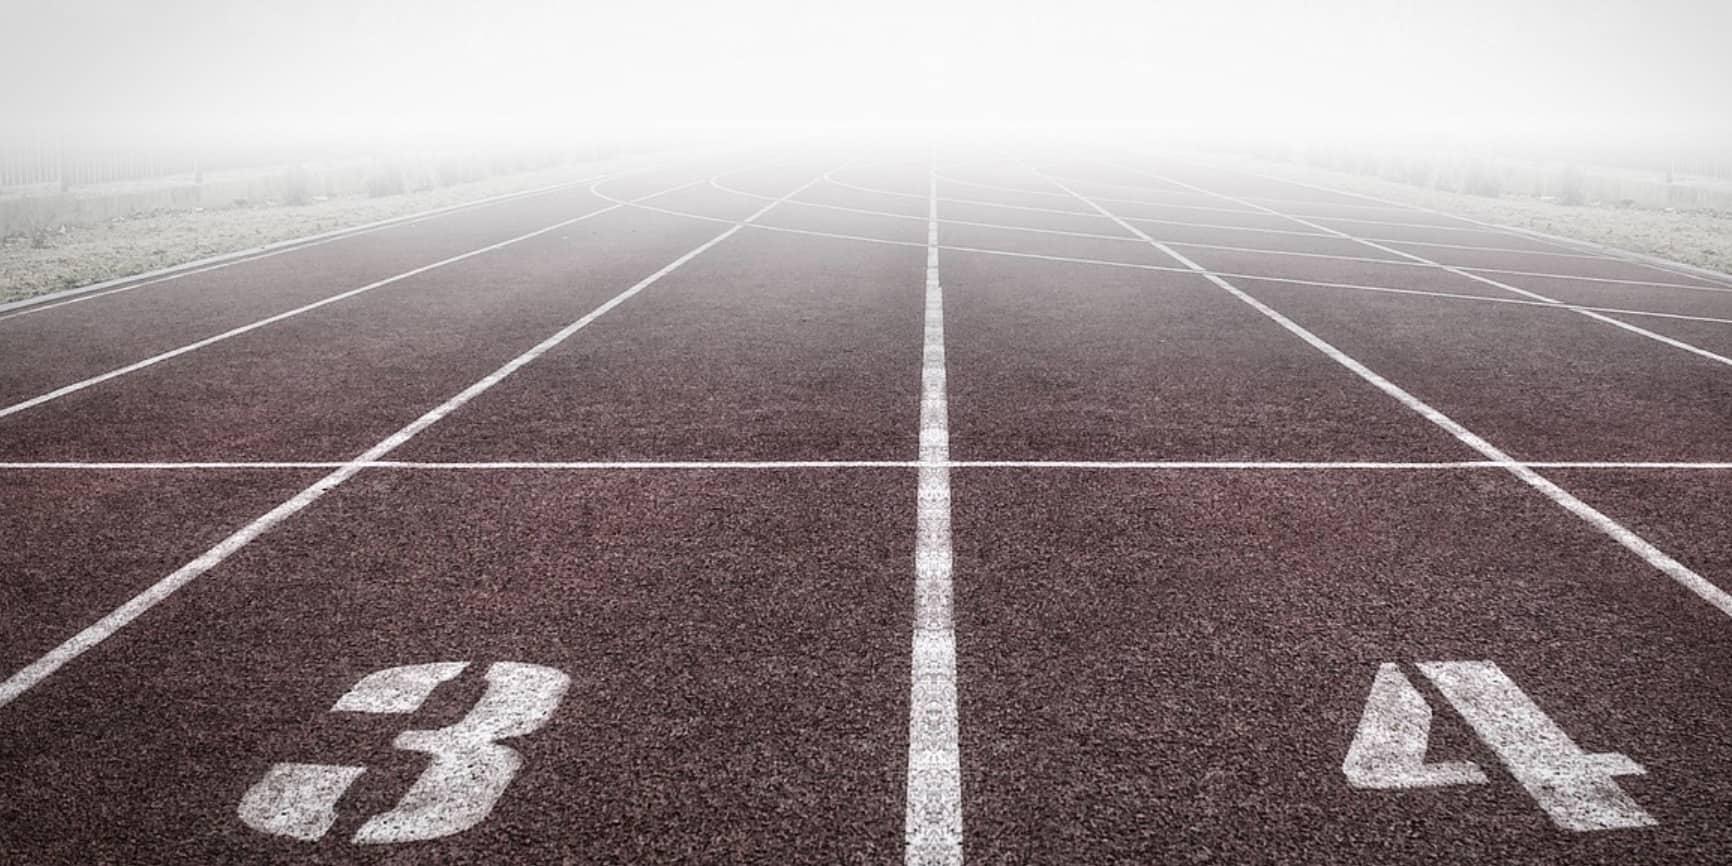 Jaki sport najlepiej obstawiać?